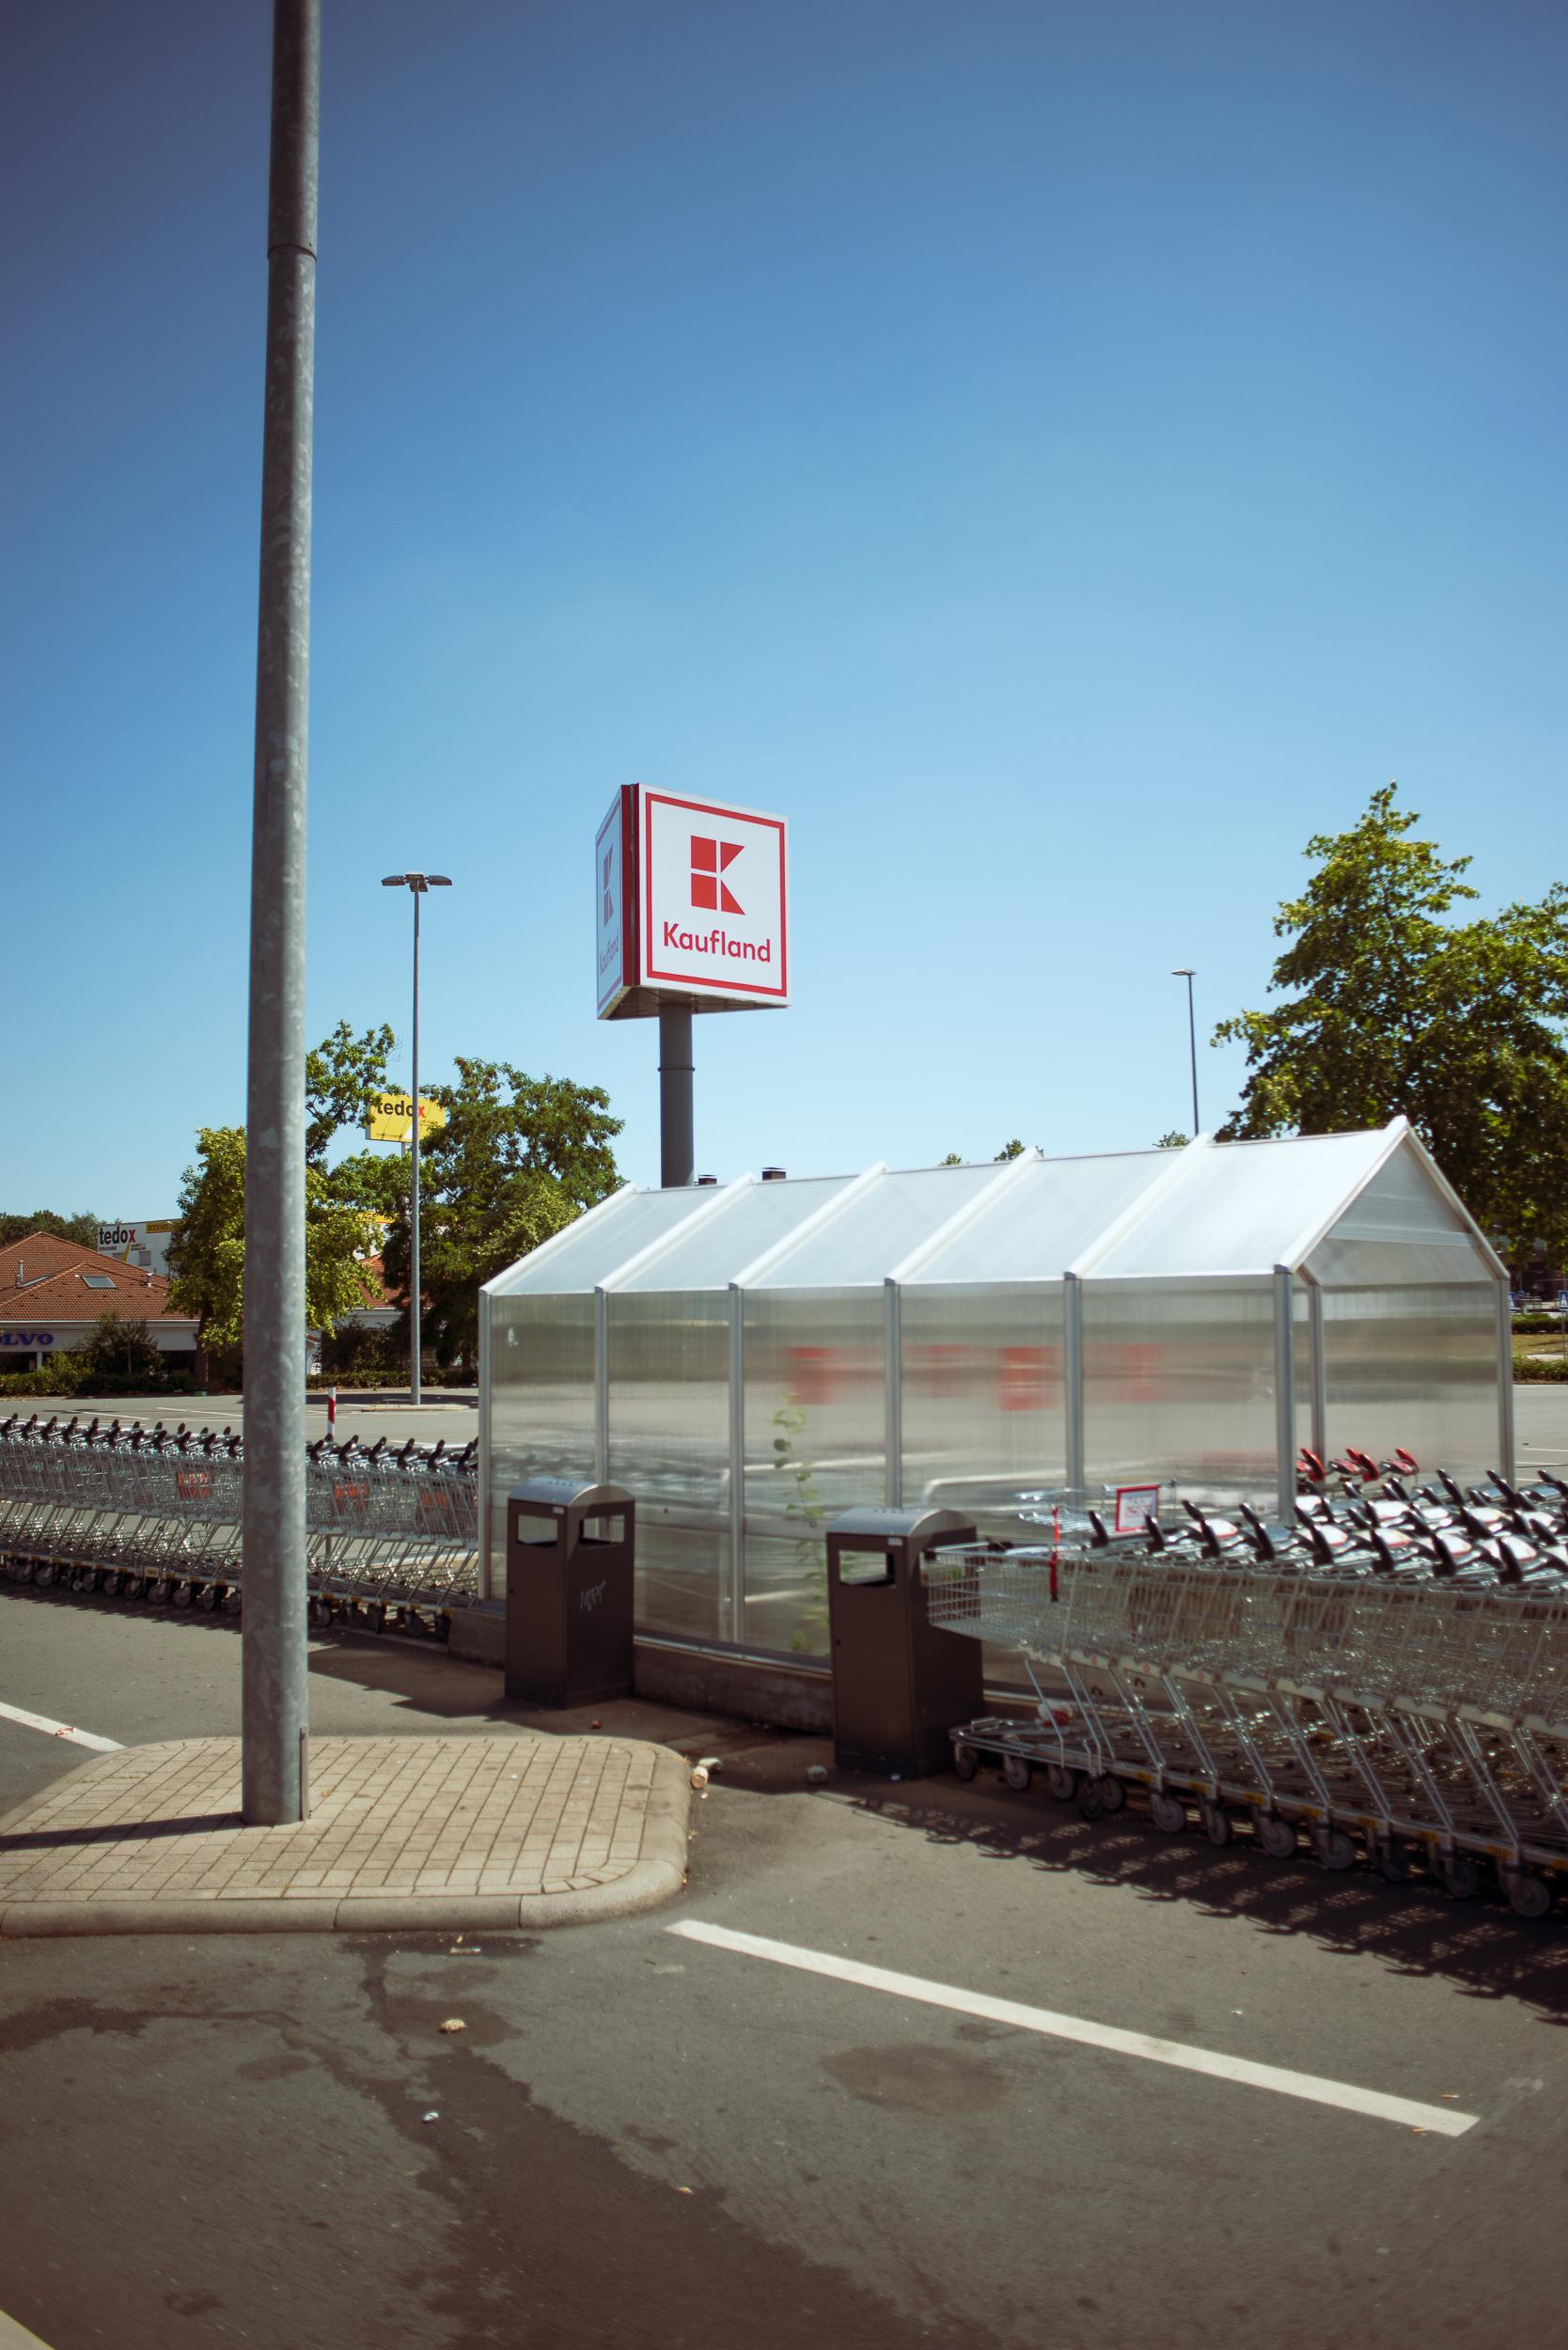 Supermarkt-Parkplatz_Kaufland_20180708_0304_2500px.jpg